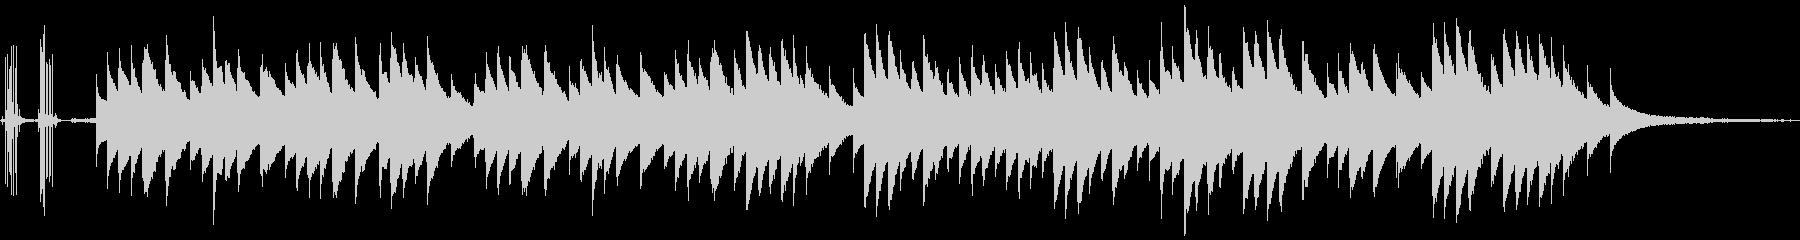 ハロウィンをイメージしたオルゴールの未再生の波形